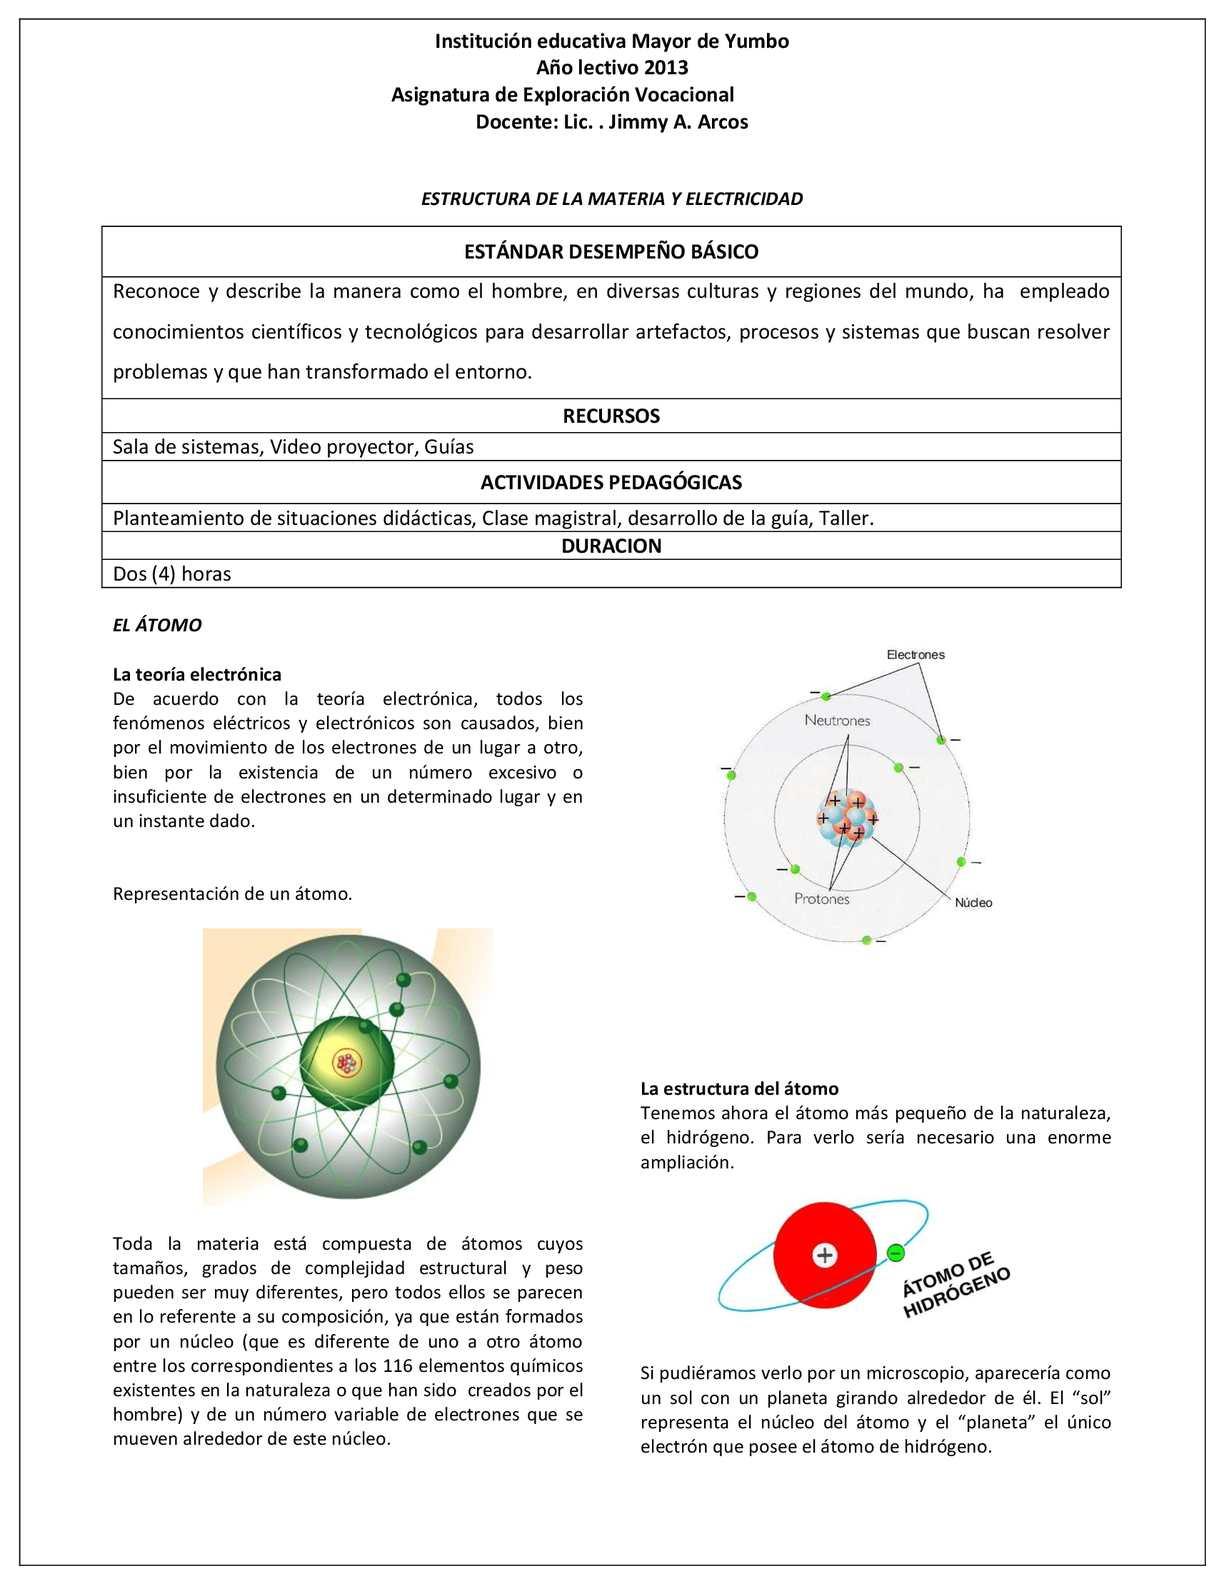 1. GUIA ESTRUCTURA DE LA MATERIA Y ELECTRICIDAD